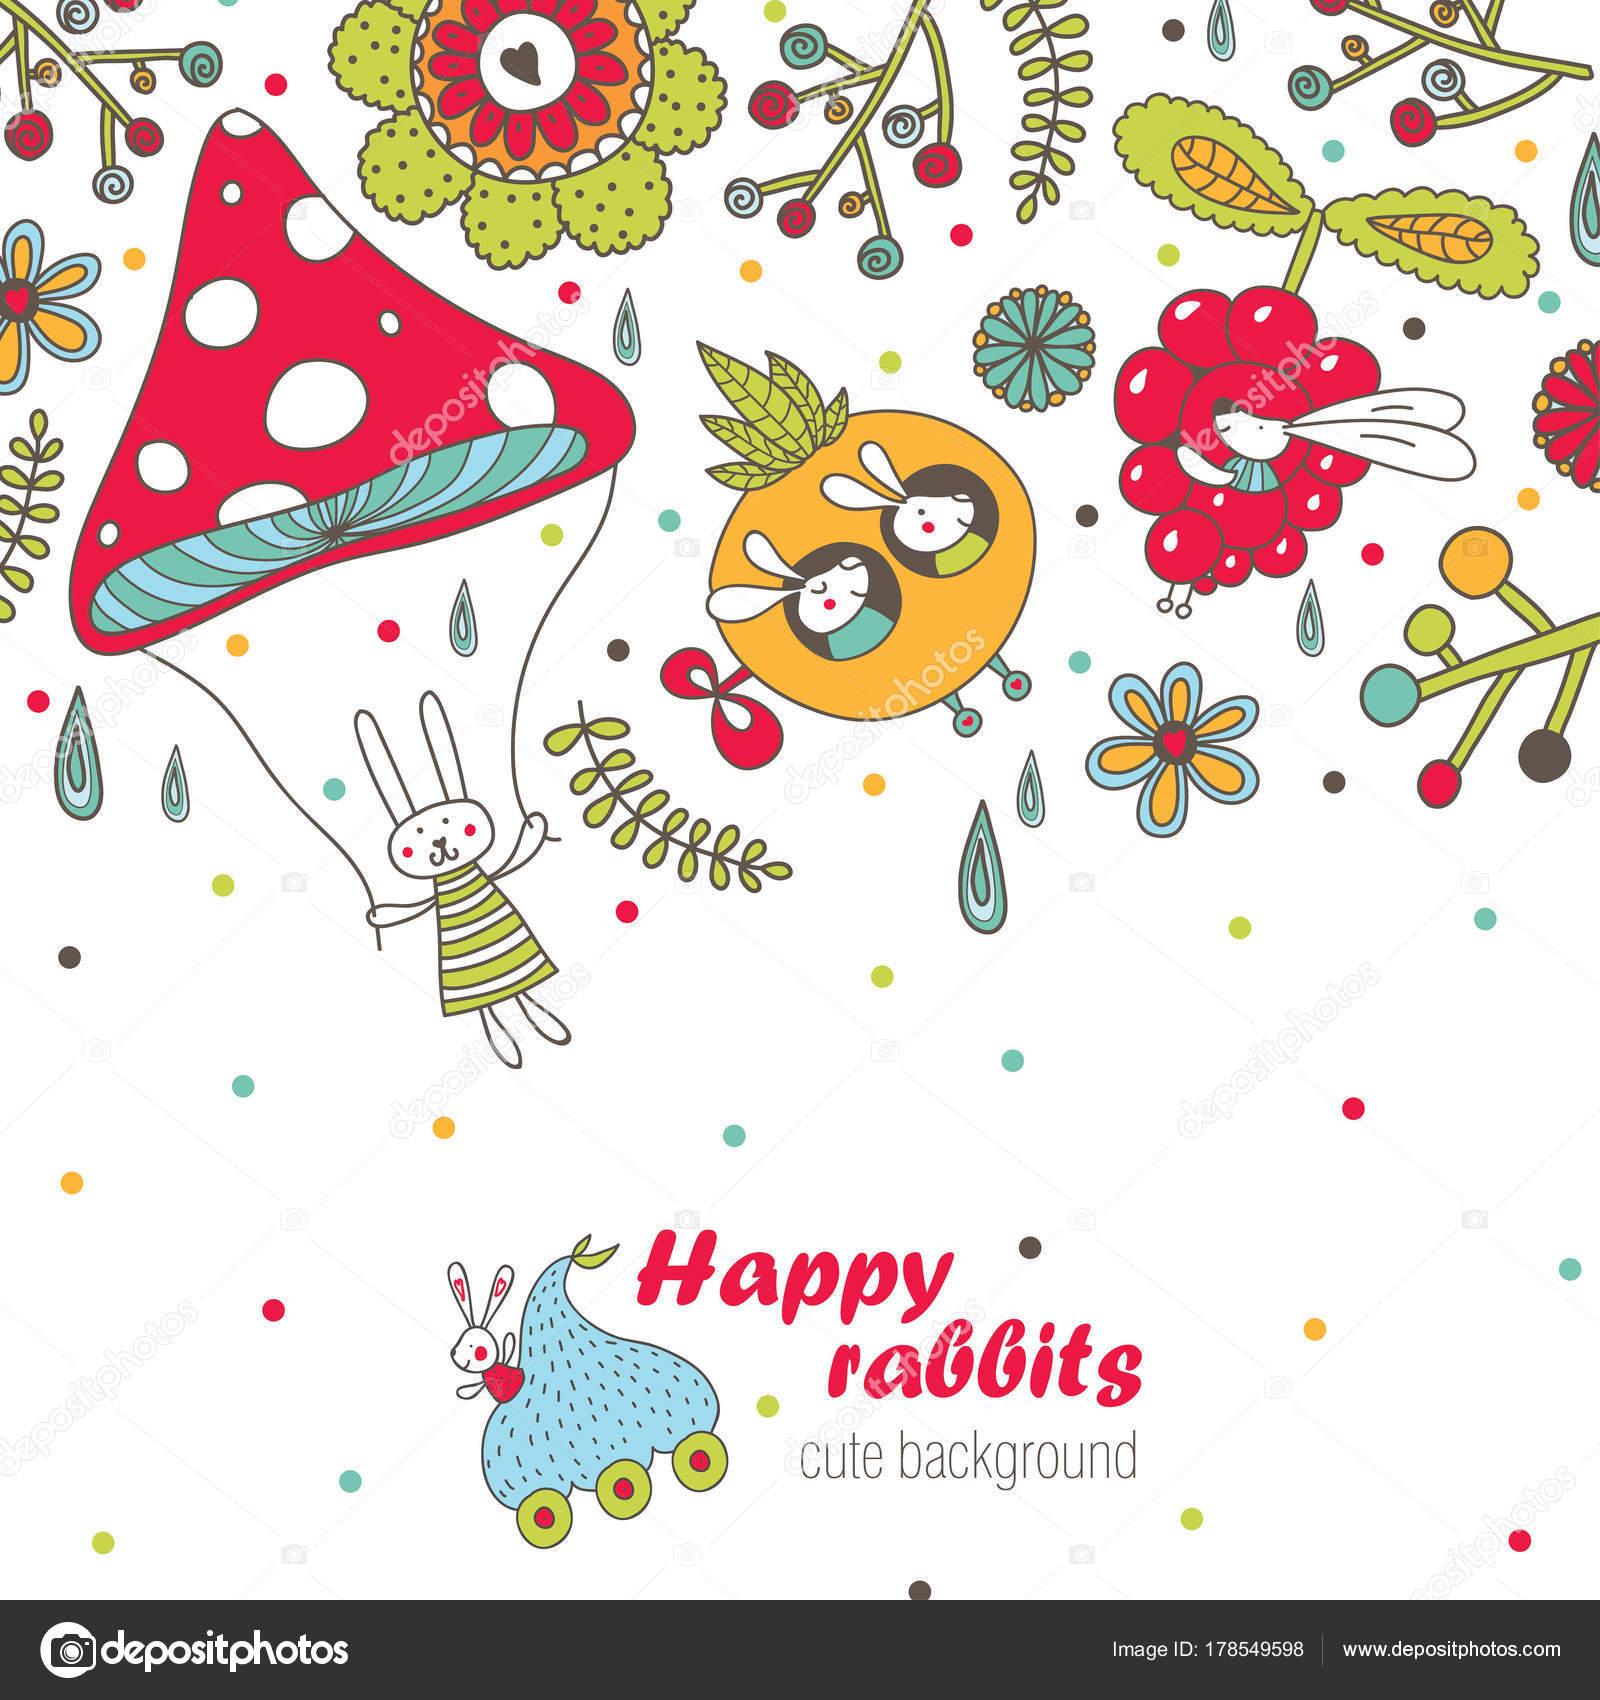 joyeuses pâques jolie carte postale vector — image vectorielle